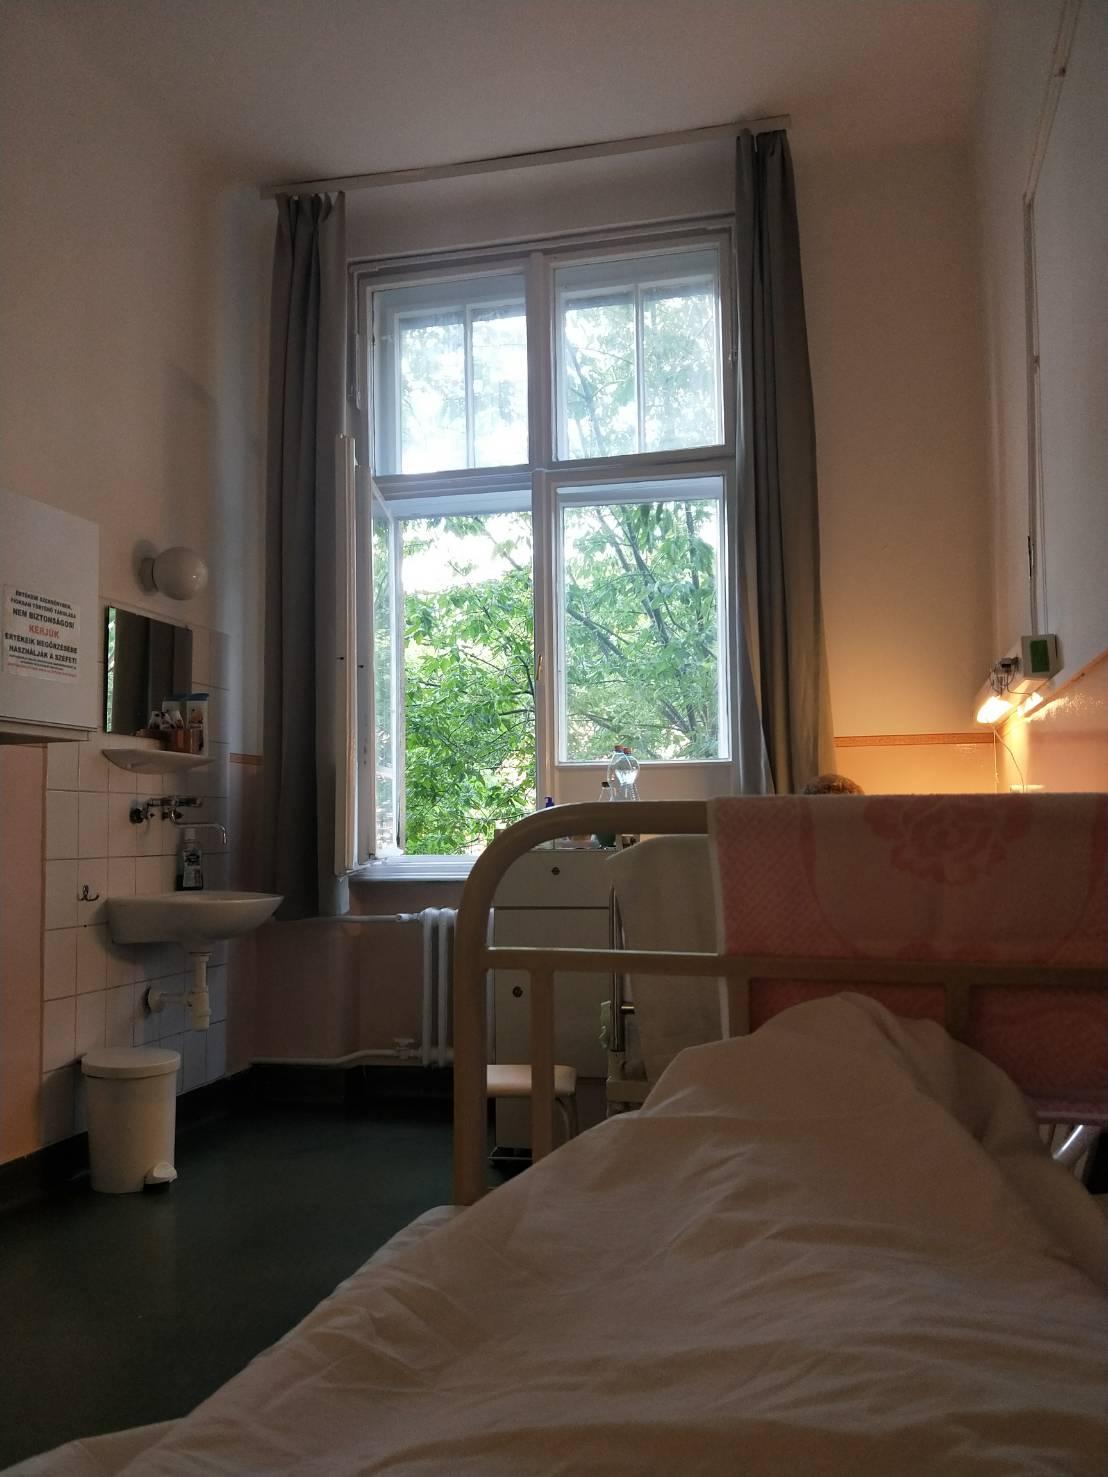 人生第二次蕁麻疹獻給匈牙利急診🏥